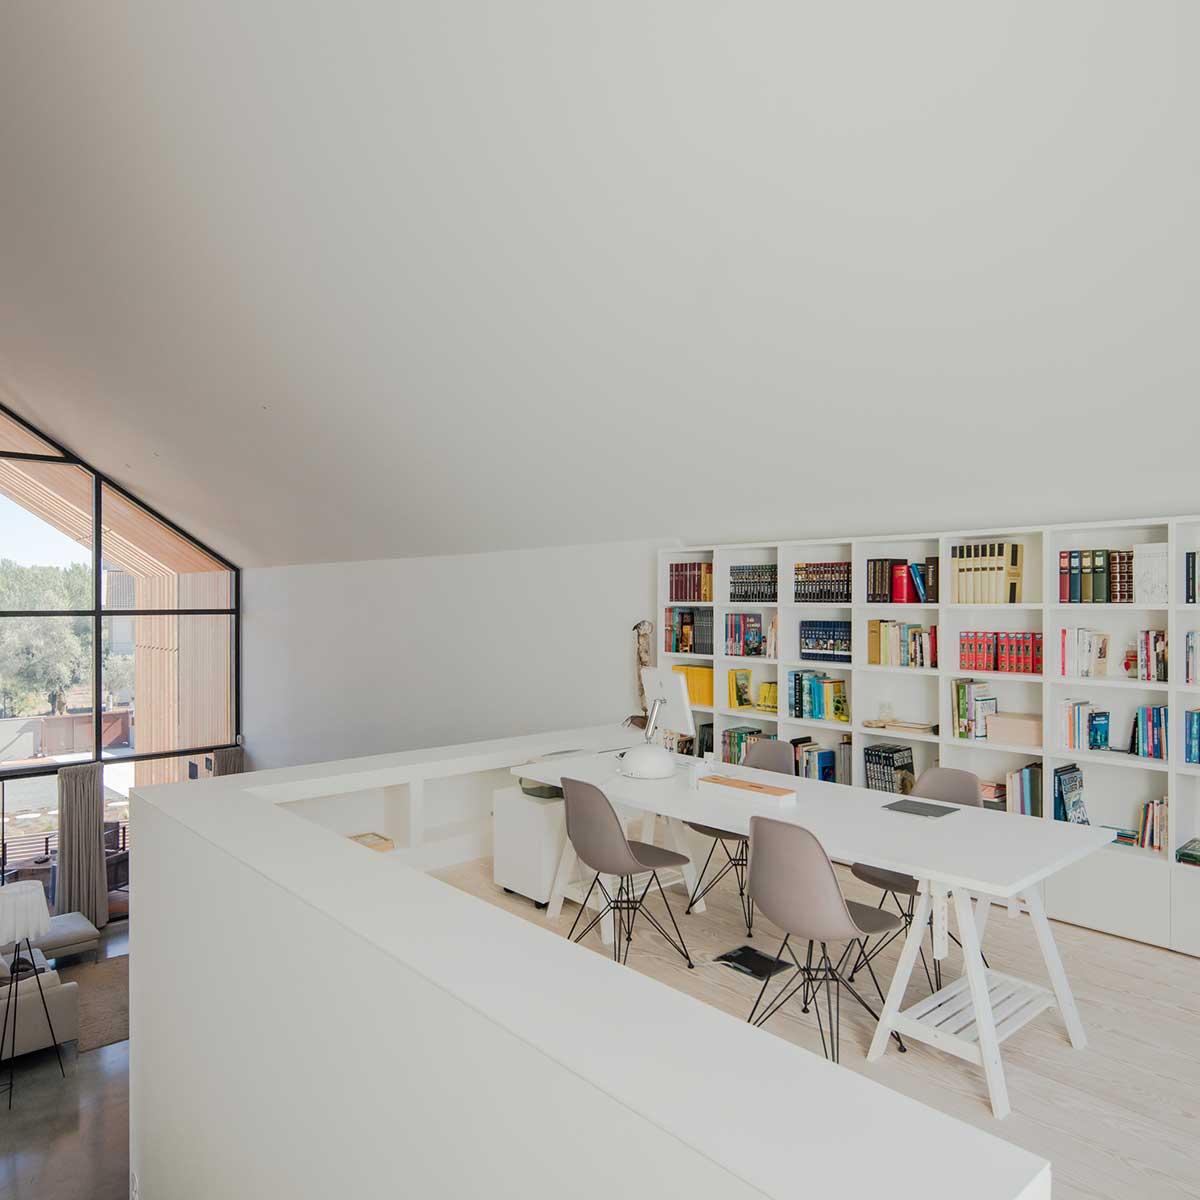 modular prefab house office - House in Ourem